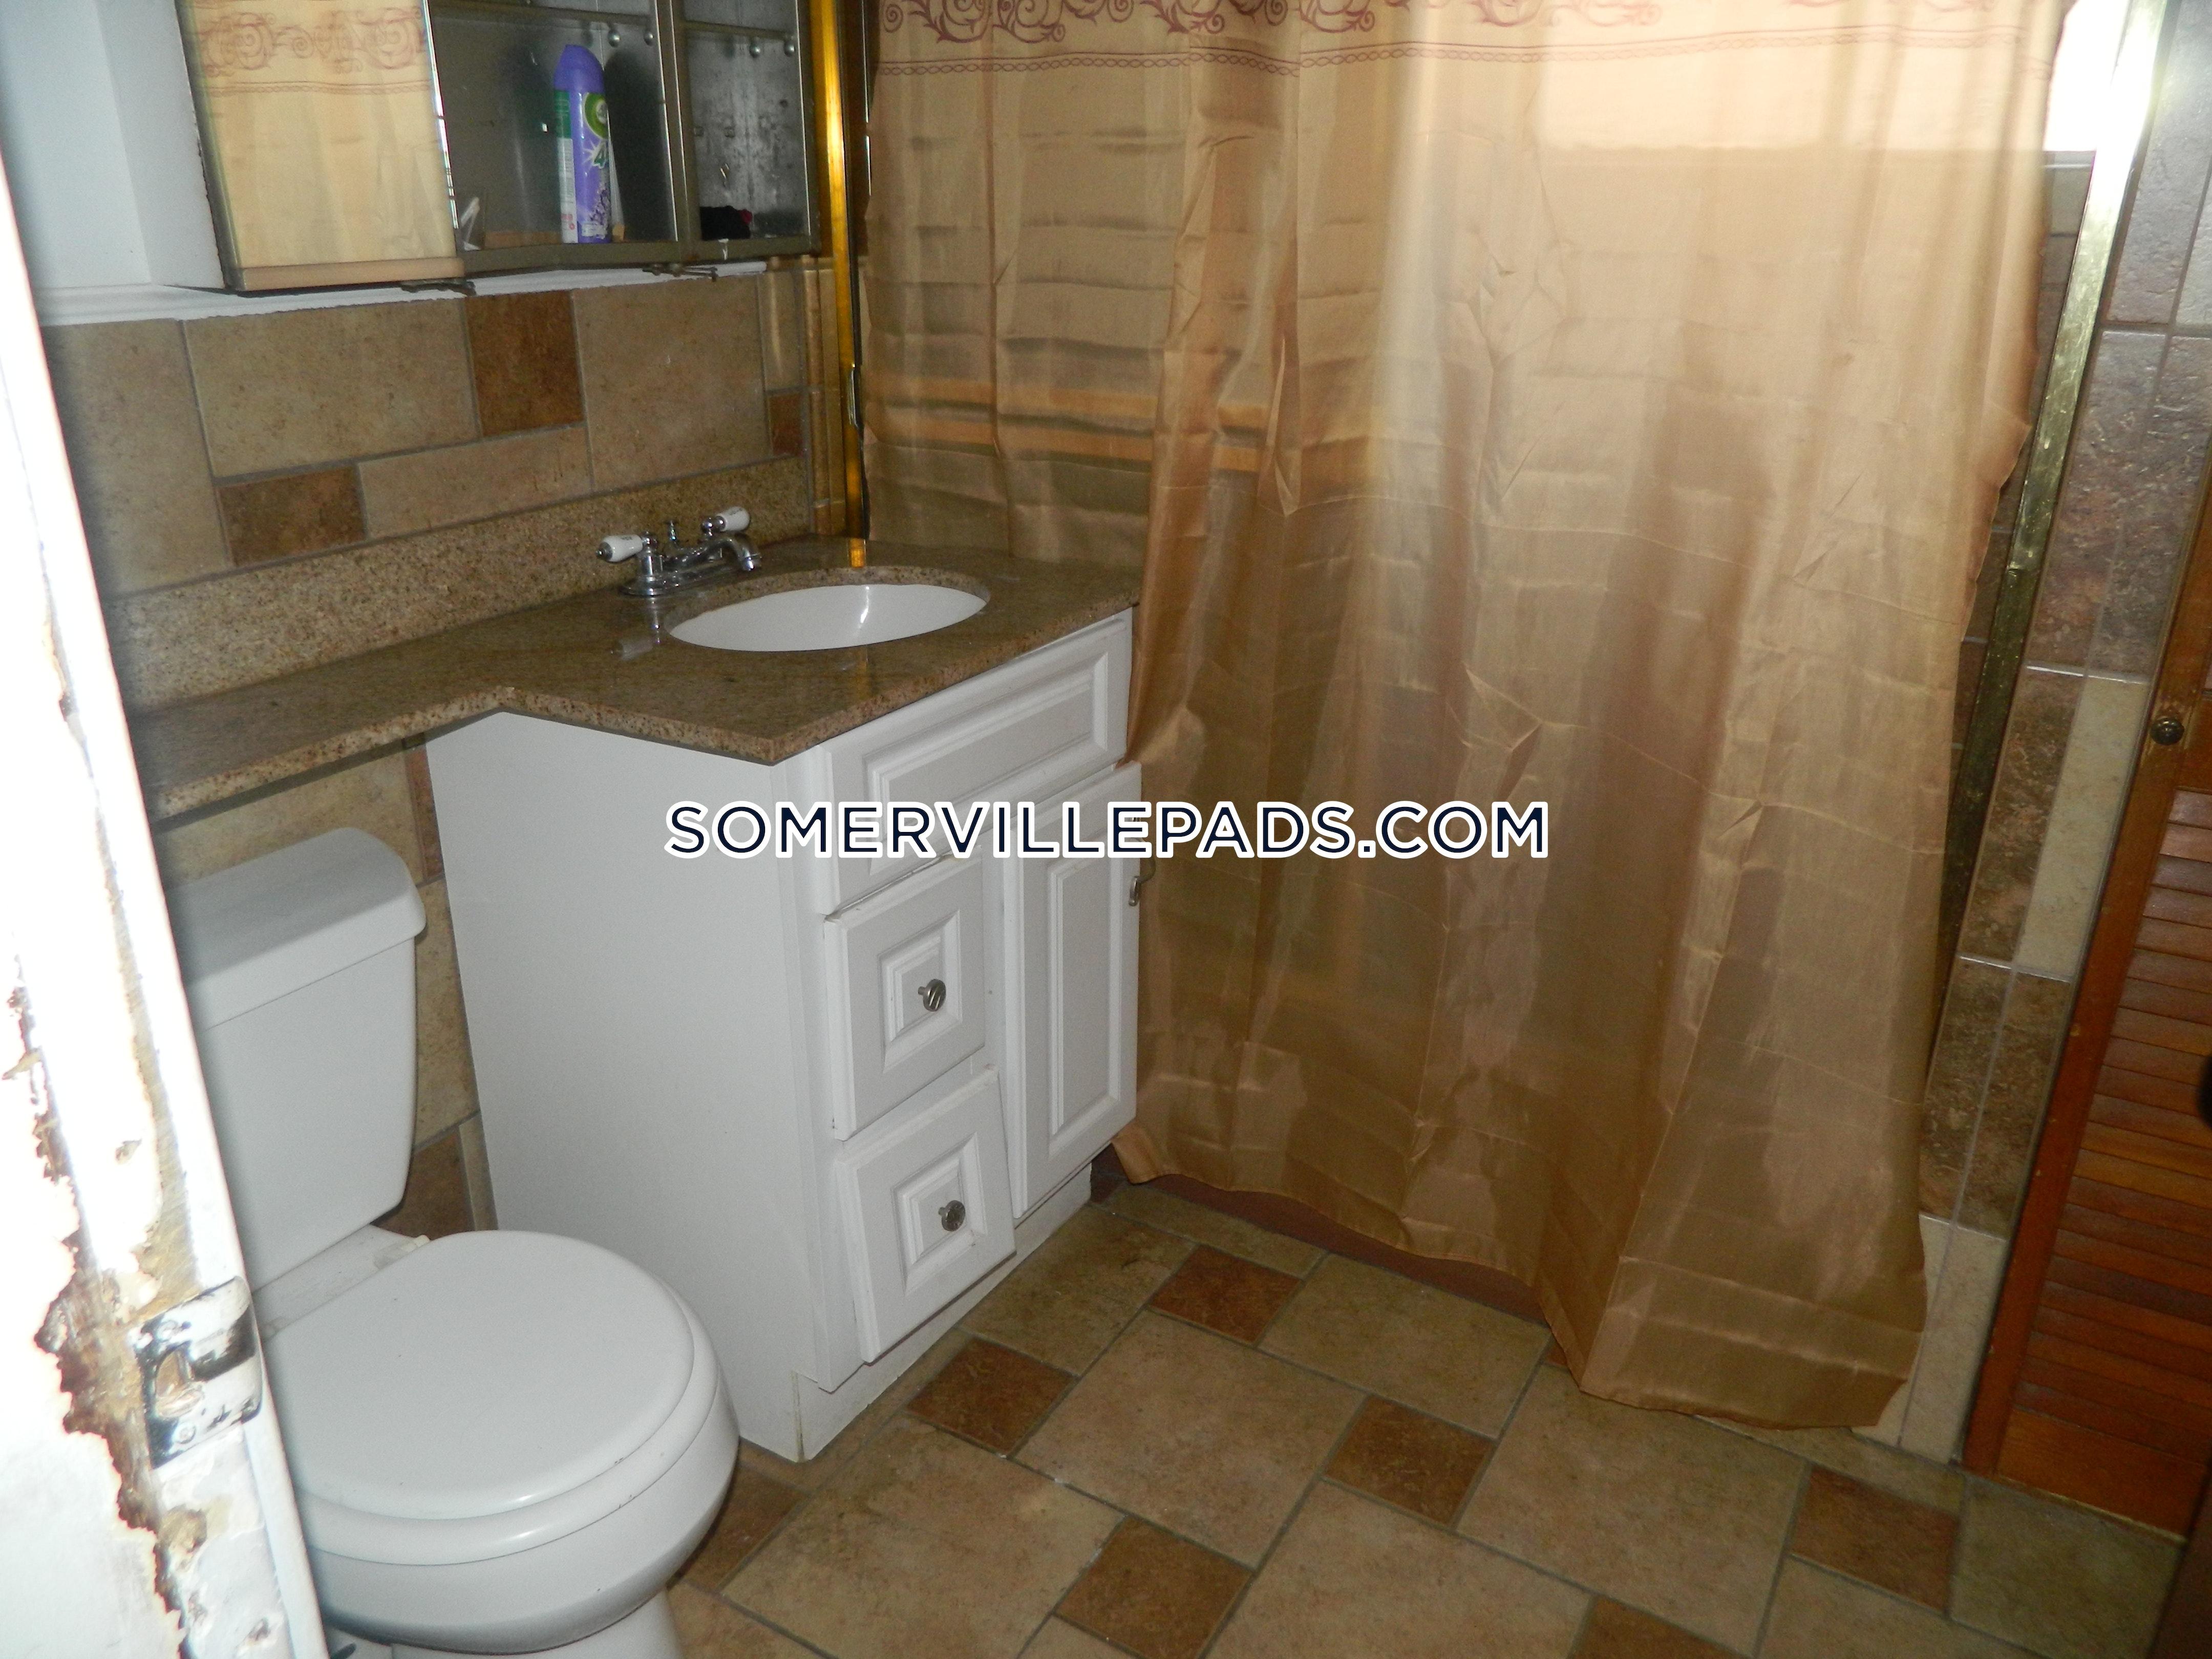 2-beds-1-bath-somerville-union-square-2500-91266